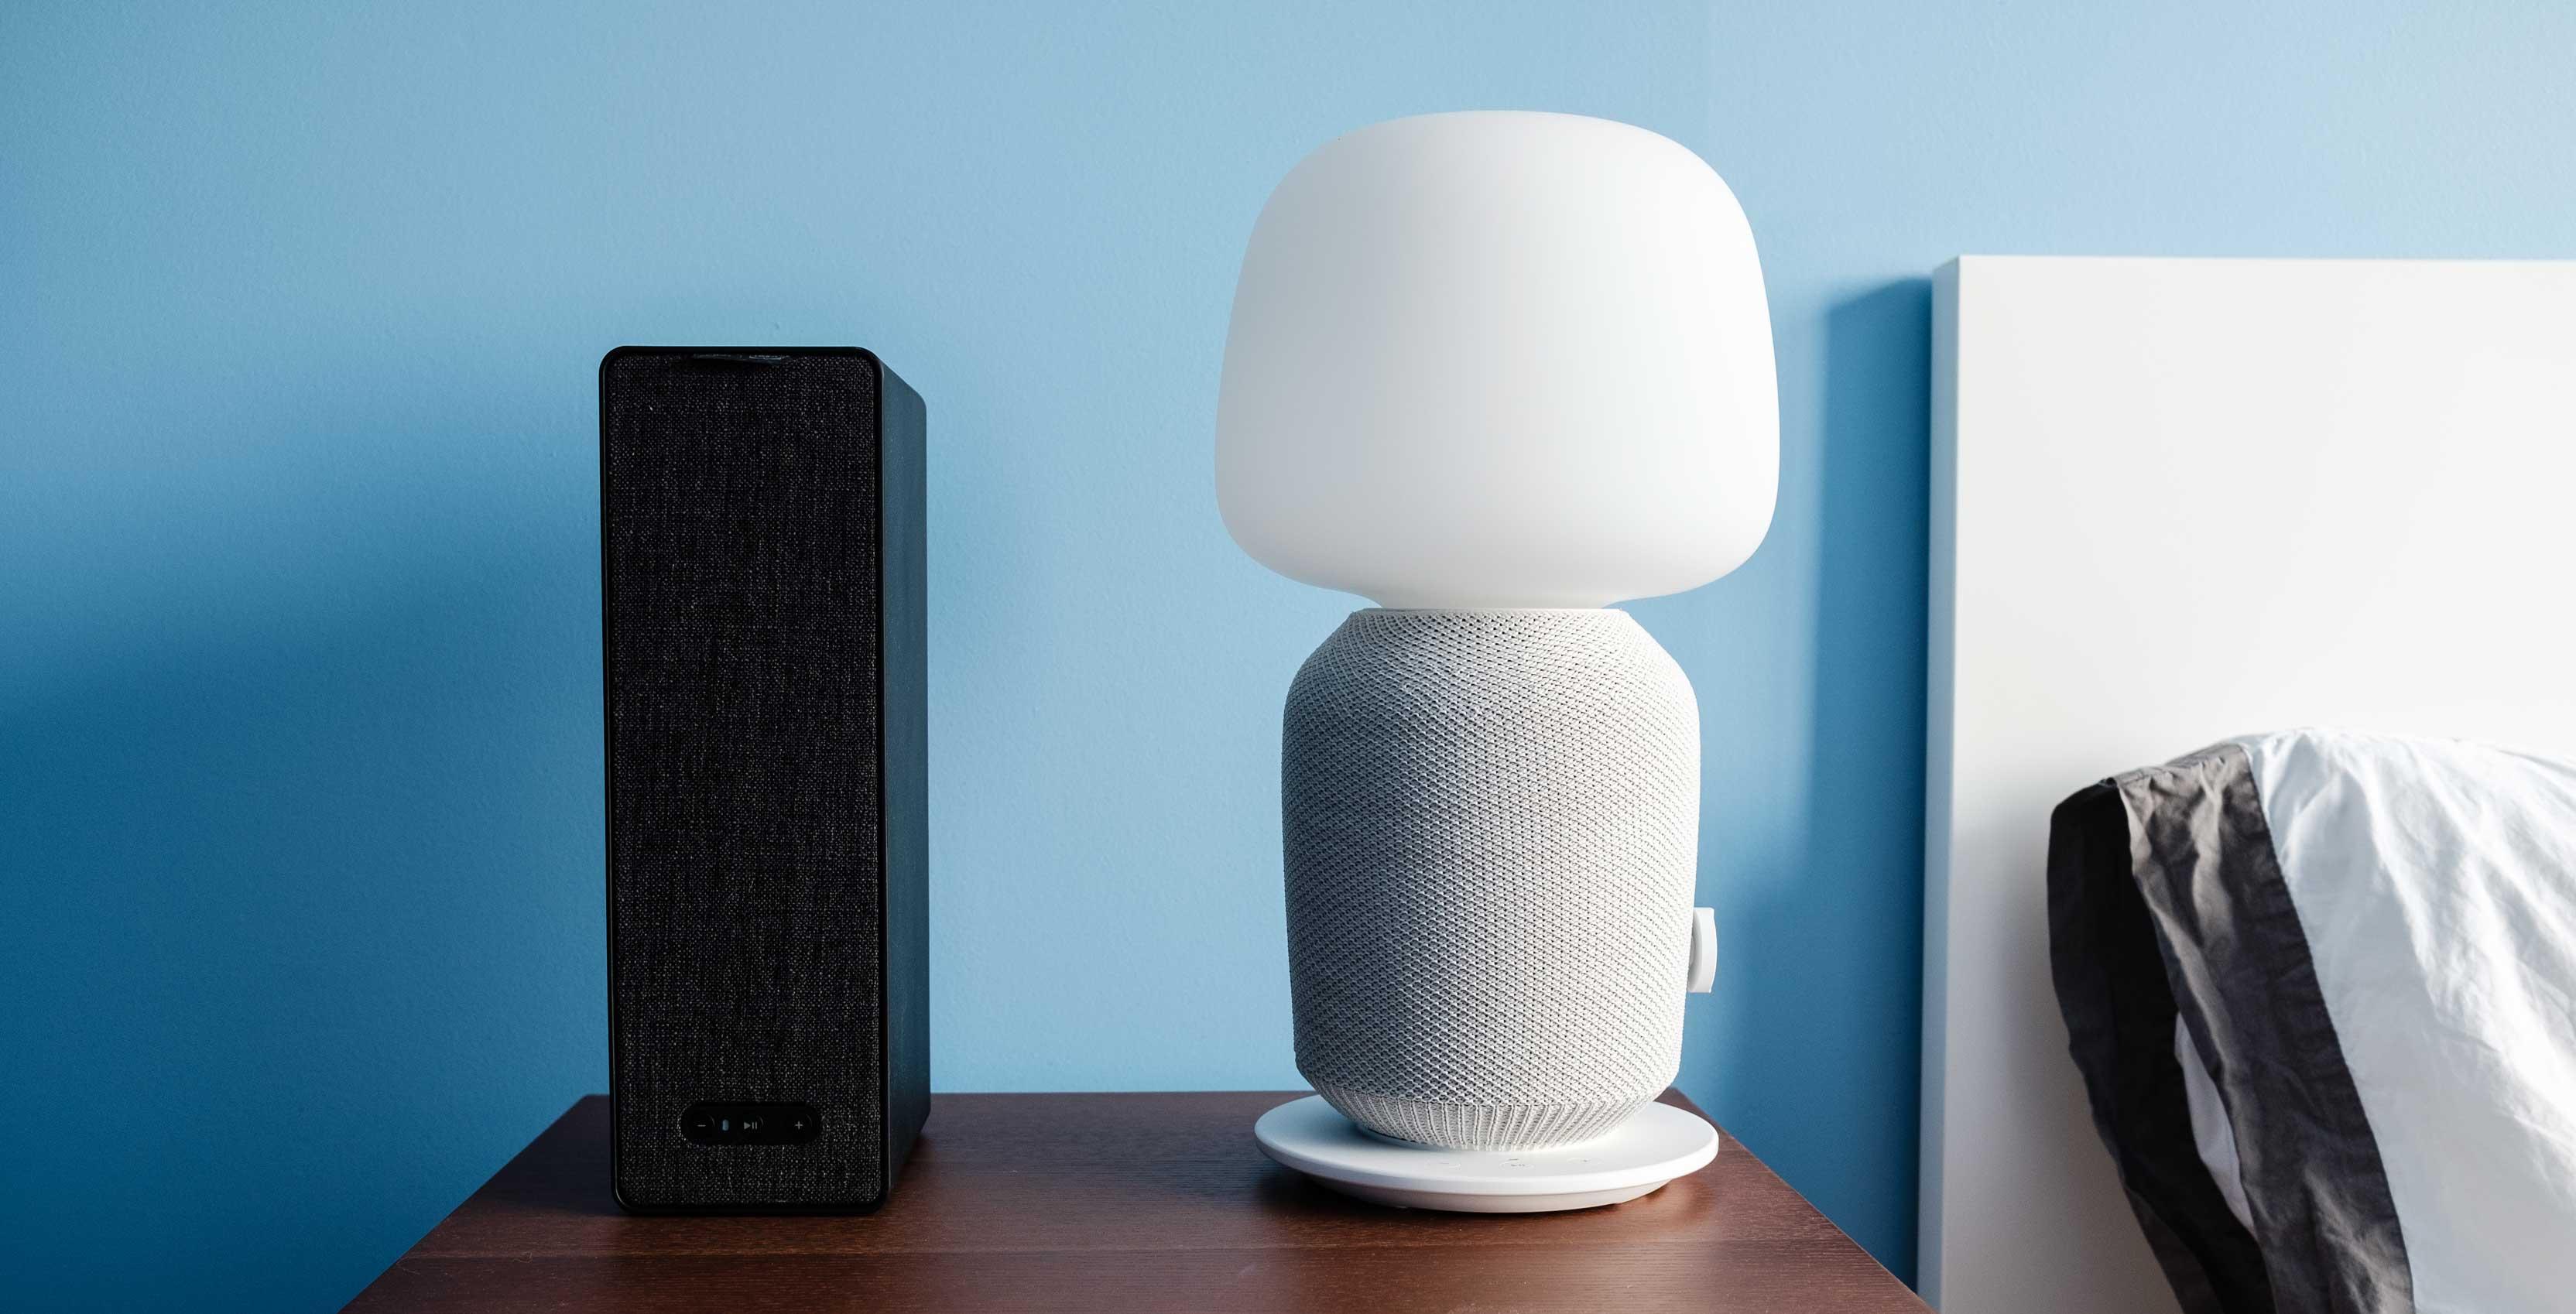 Ikea's new Symfonisk Wi-Fi speaker lineup